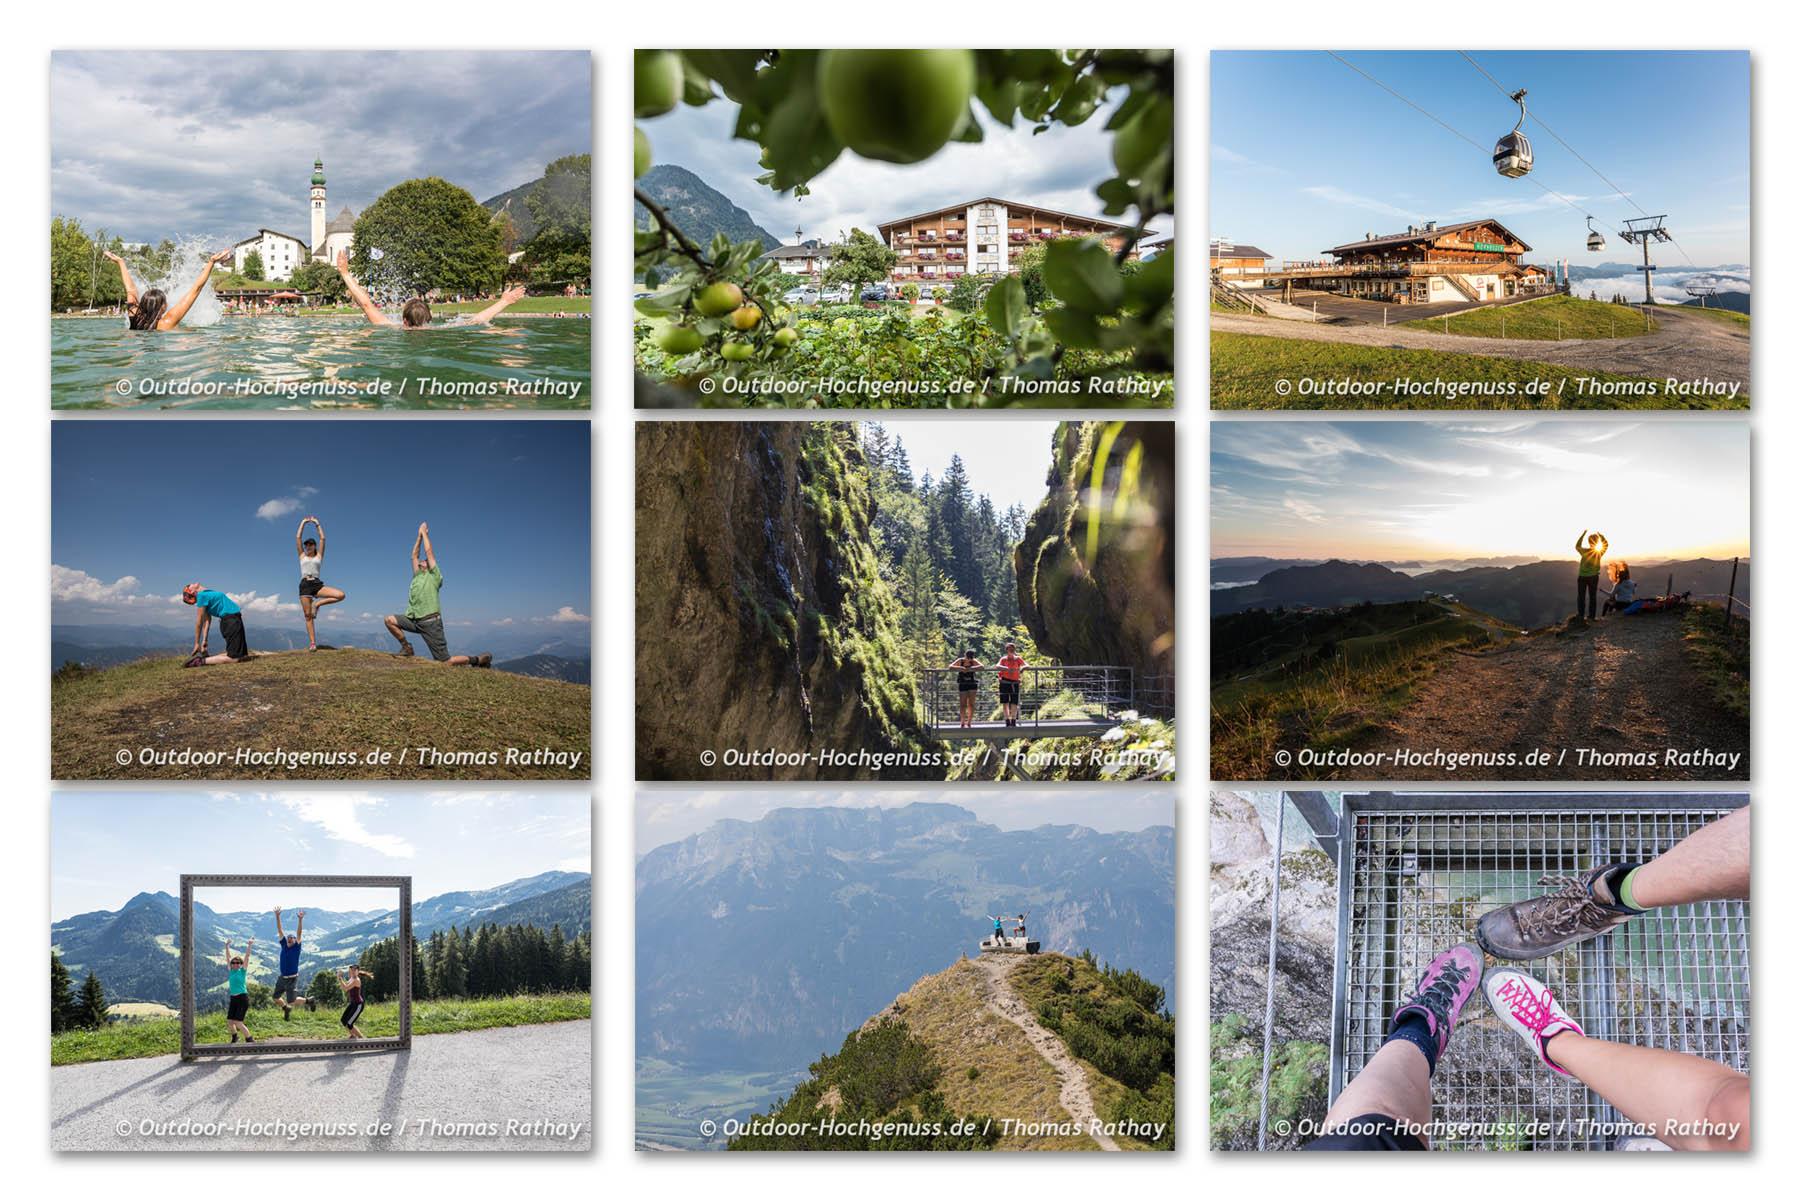 Perfektes Outdoor-Wochenende im Wanderdorf Alpbachtal Seenland